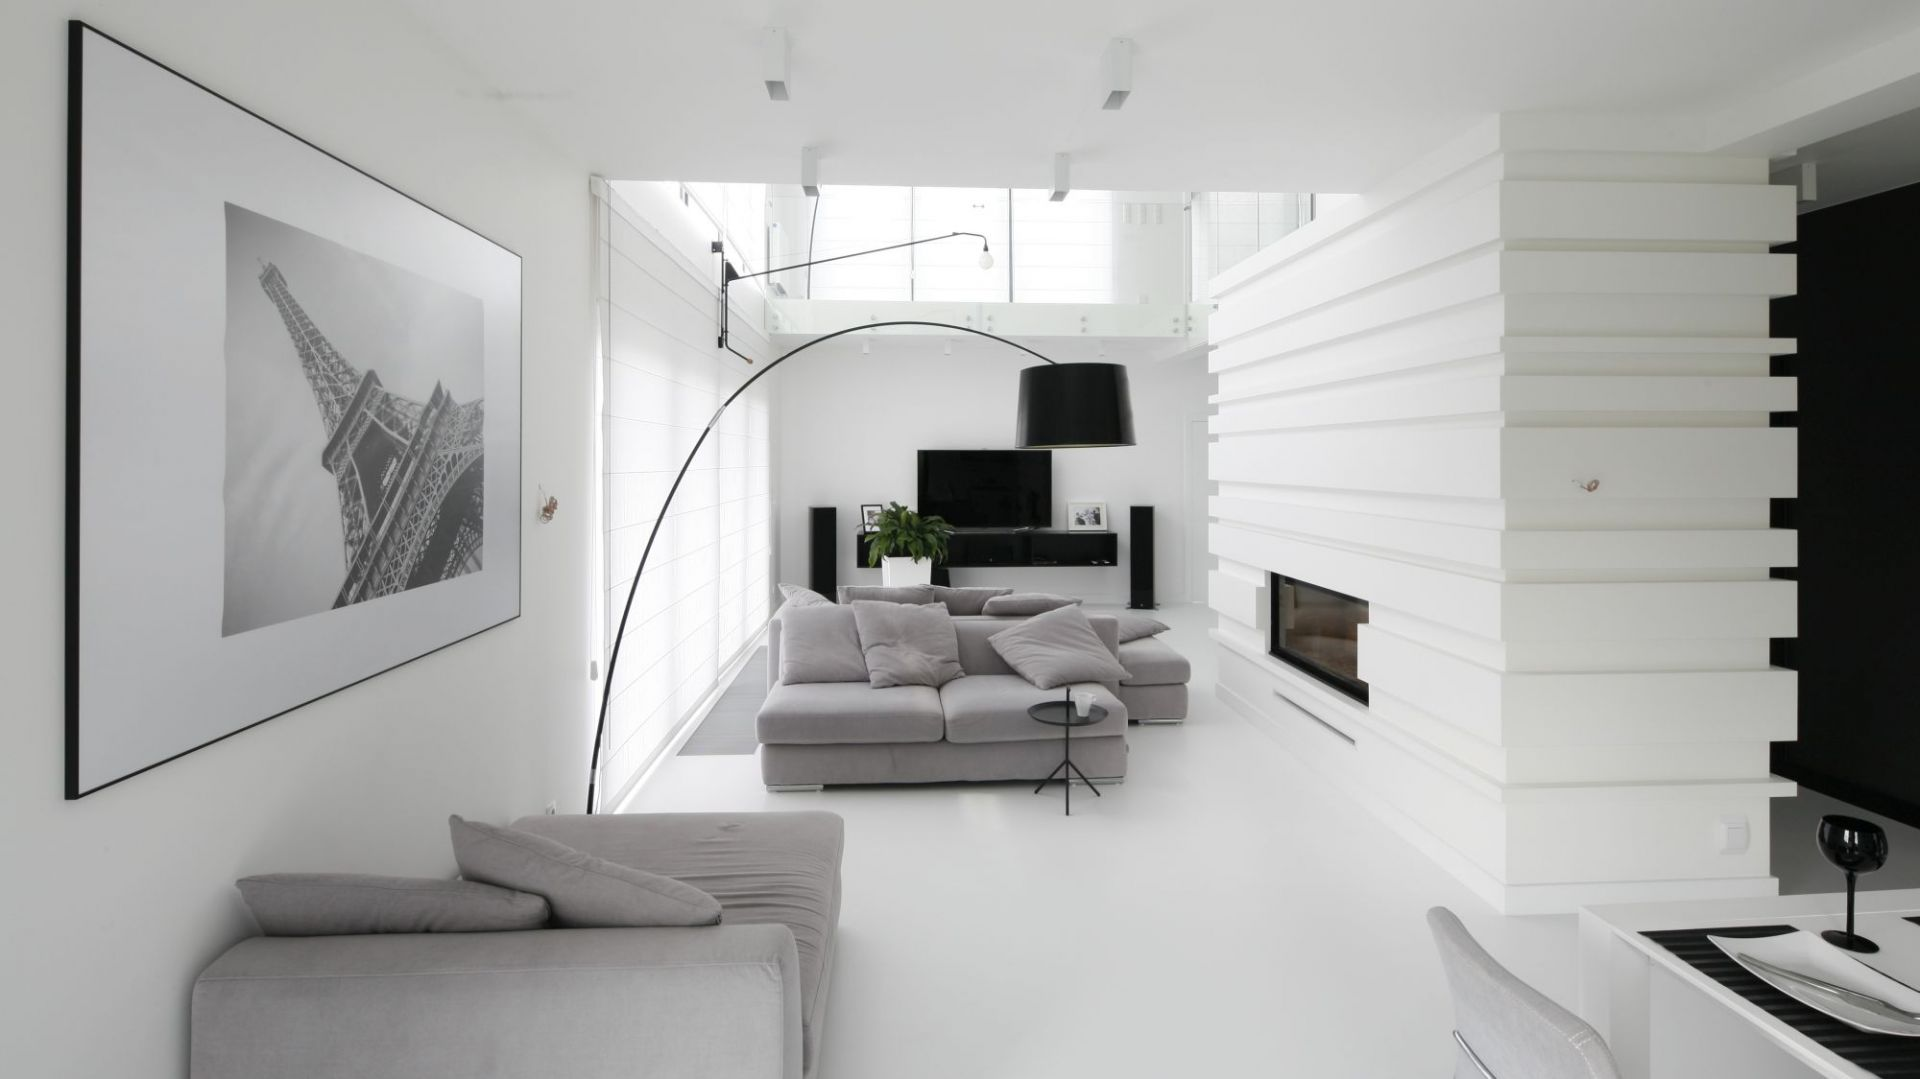 Telewizor w salonie - pomysł na ścianę. Projekt: Maria Biegańska, Ewelina Pik. Fot. Bartosz Jarosz